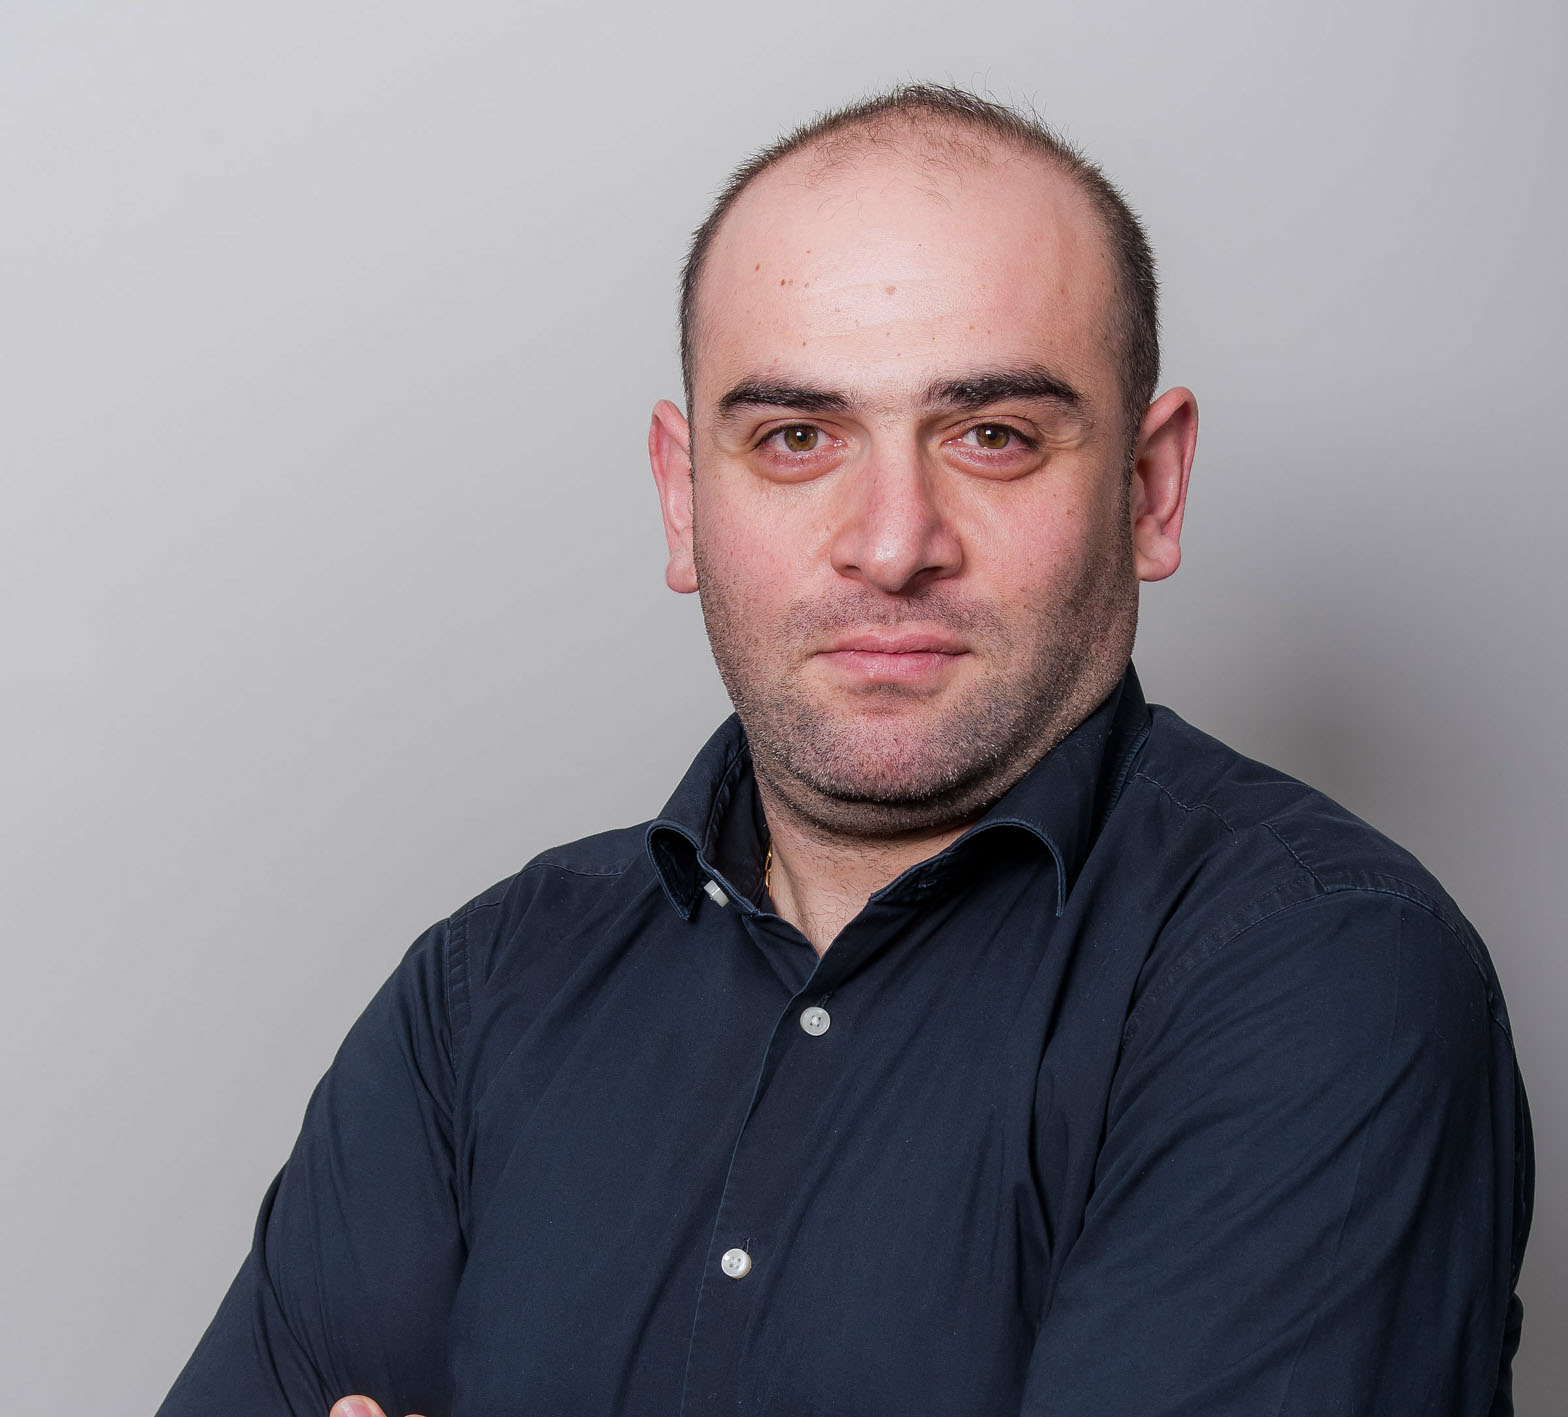 Giorgi Chkheidze